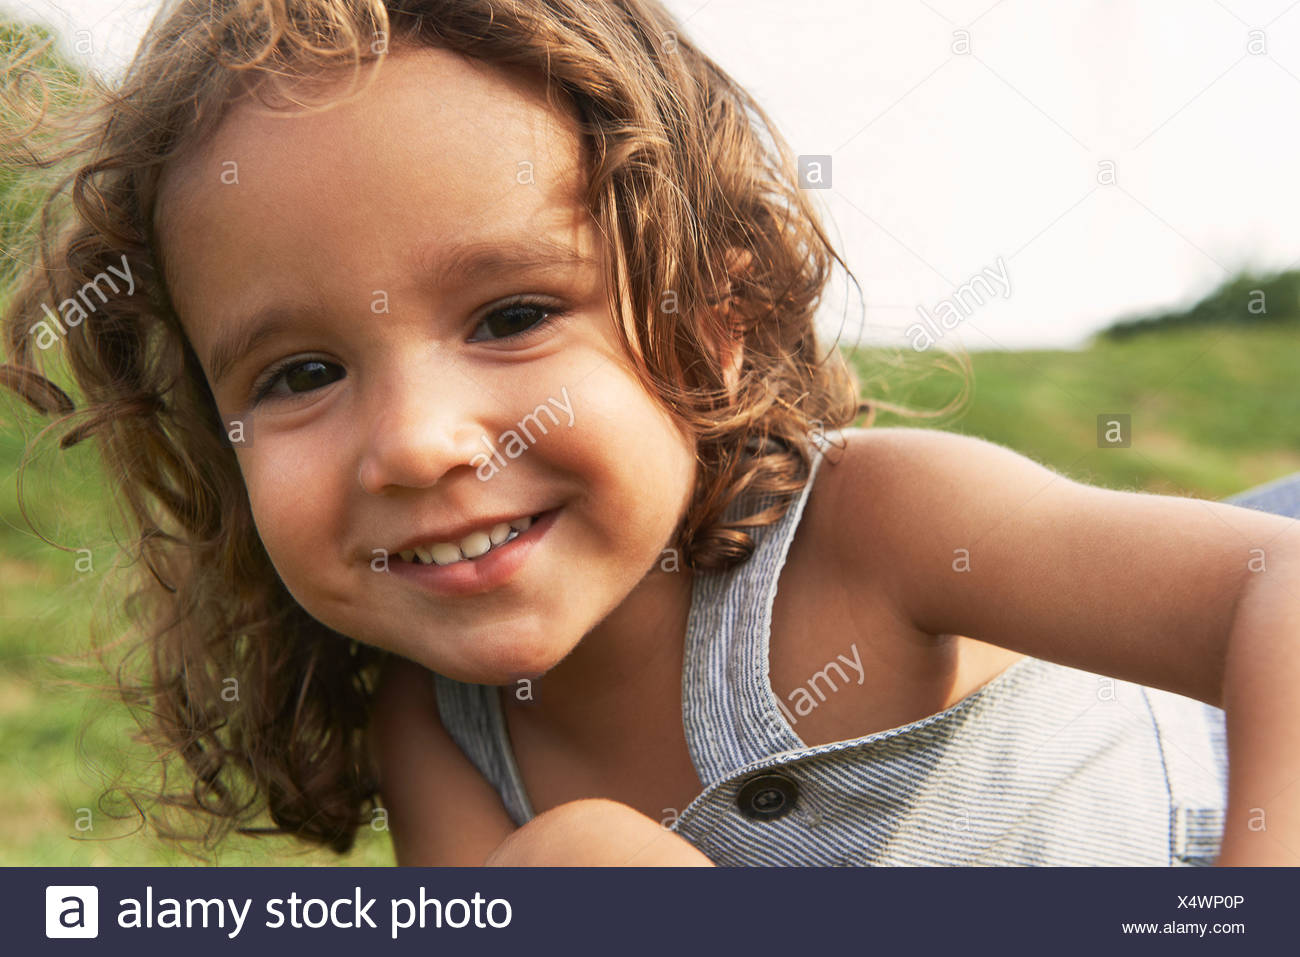 Ritratto di giovane ragazzo con capelli castani, sorridente Immagini Stock